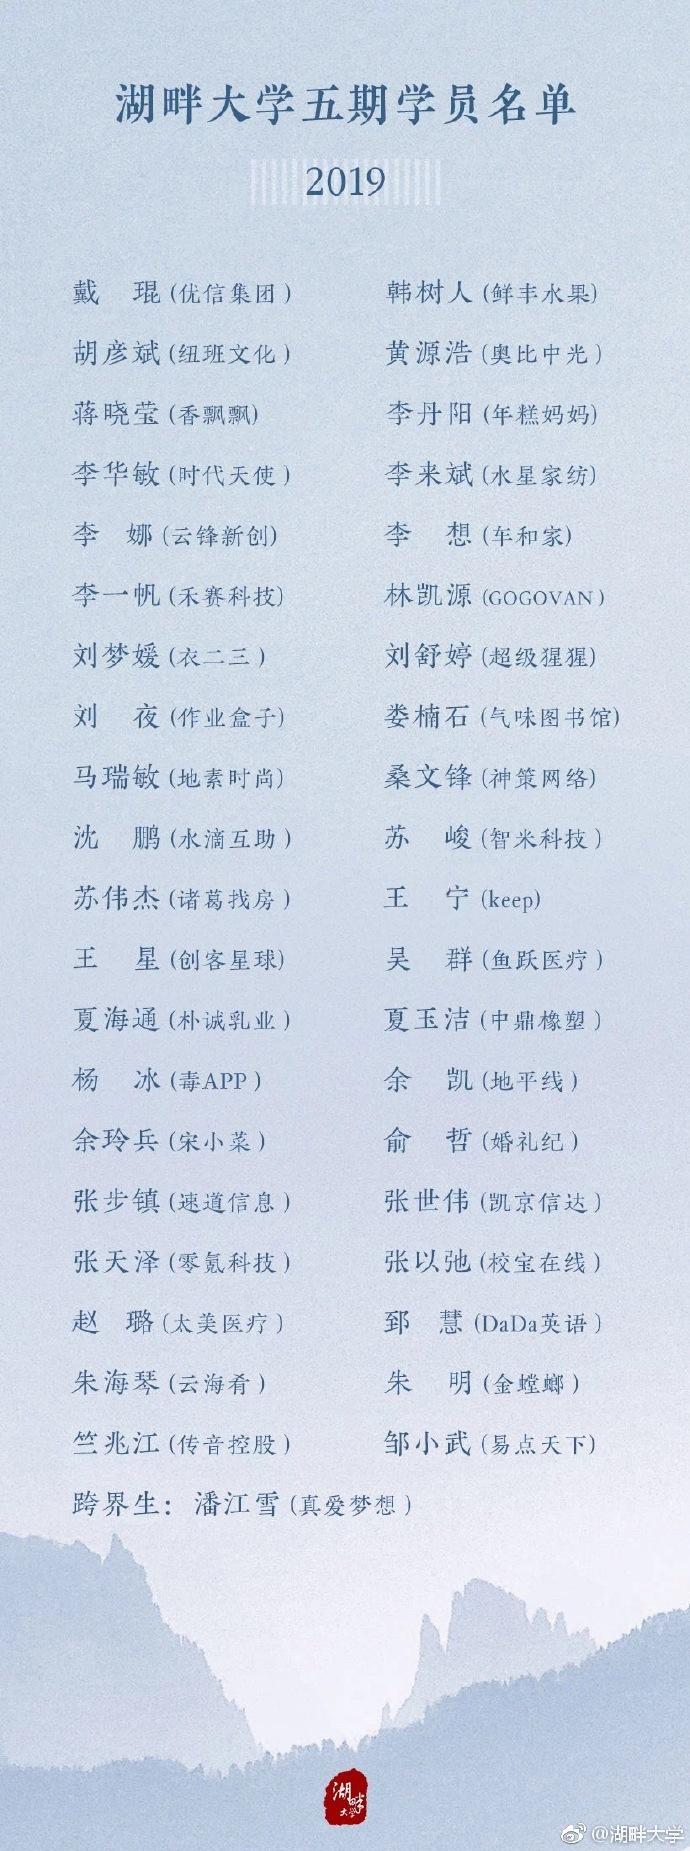 湖畔大学第五届学院名单公布,车和家李想、衣二三刘梦媛、Keep王宁在列